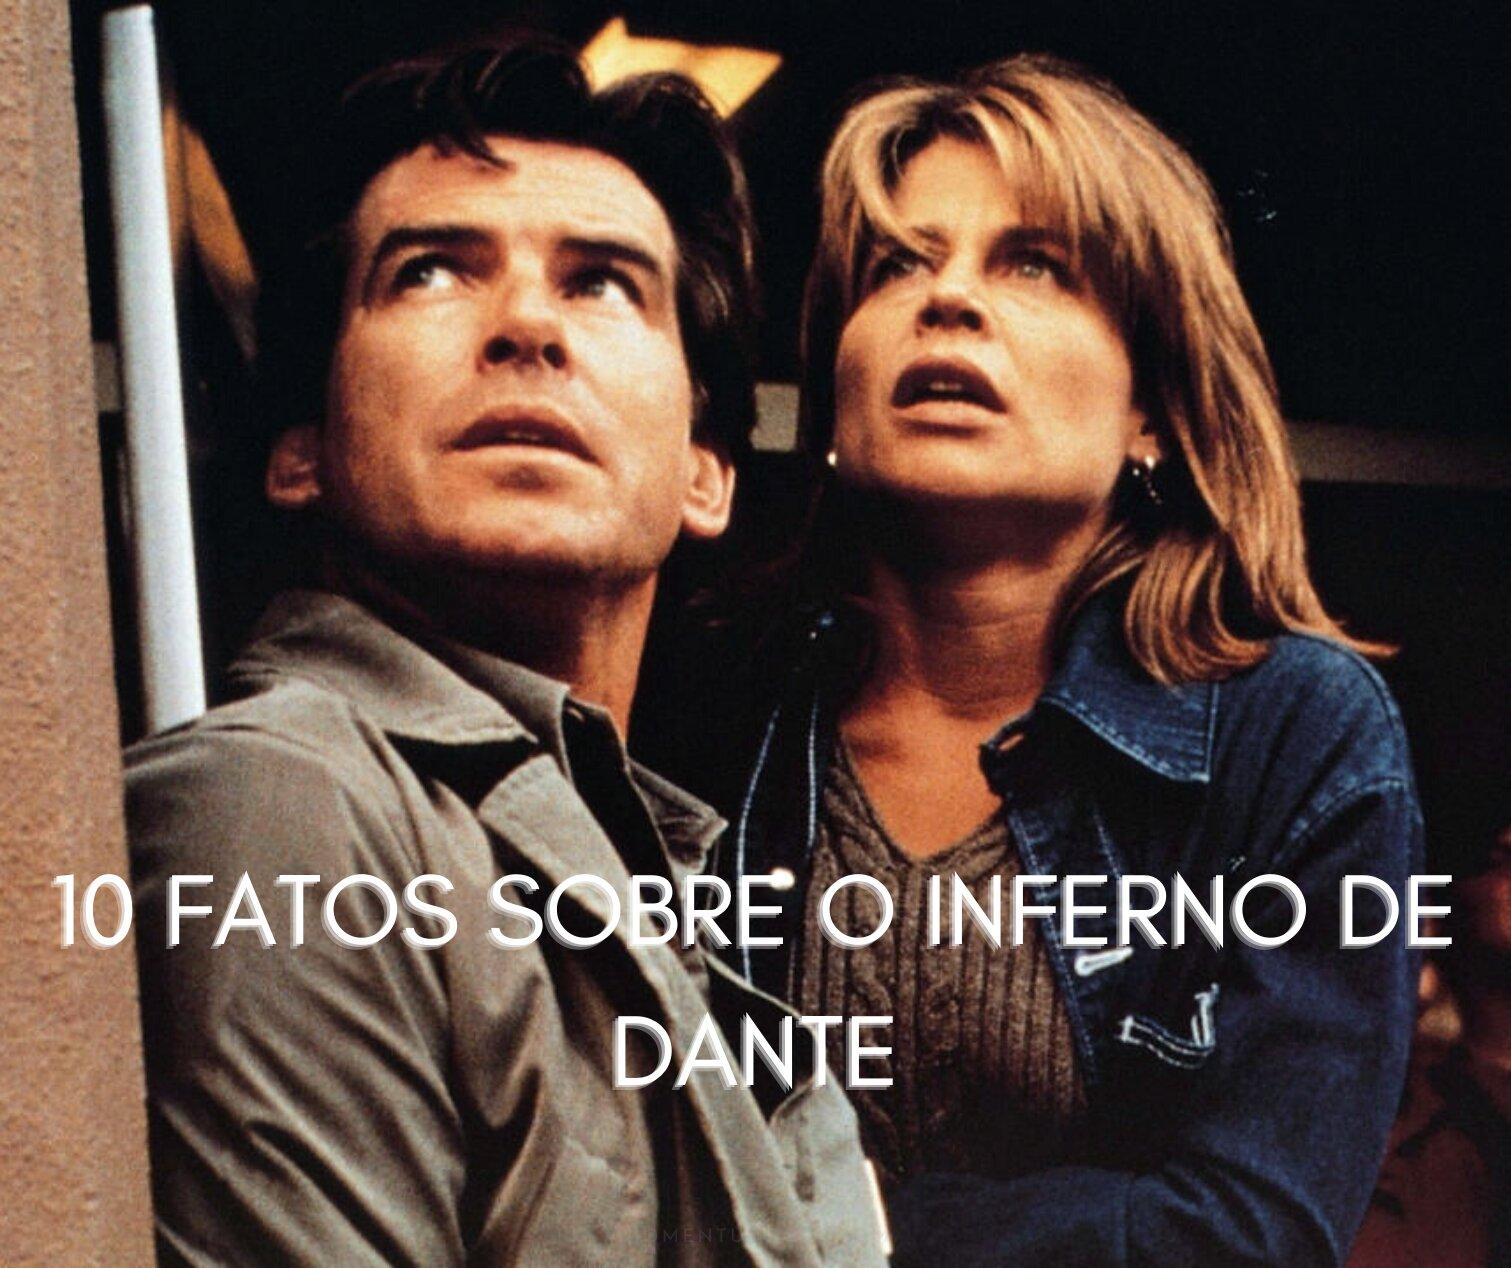 10 coisas que você não sabia sobre O Inferno de Dante